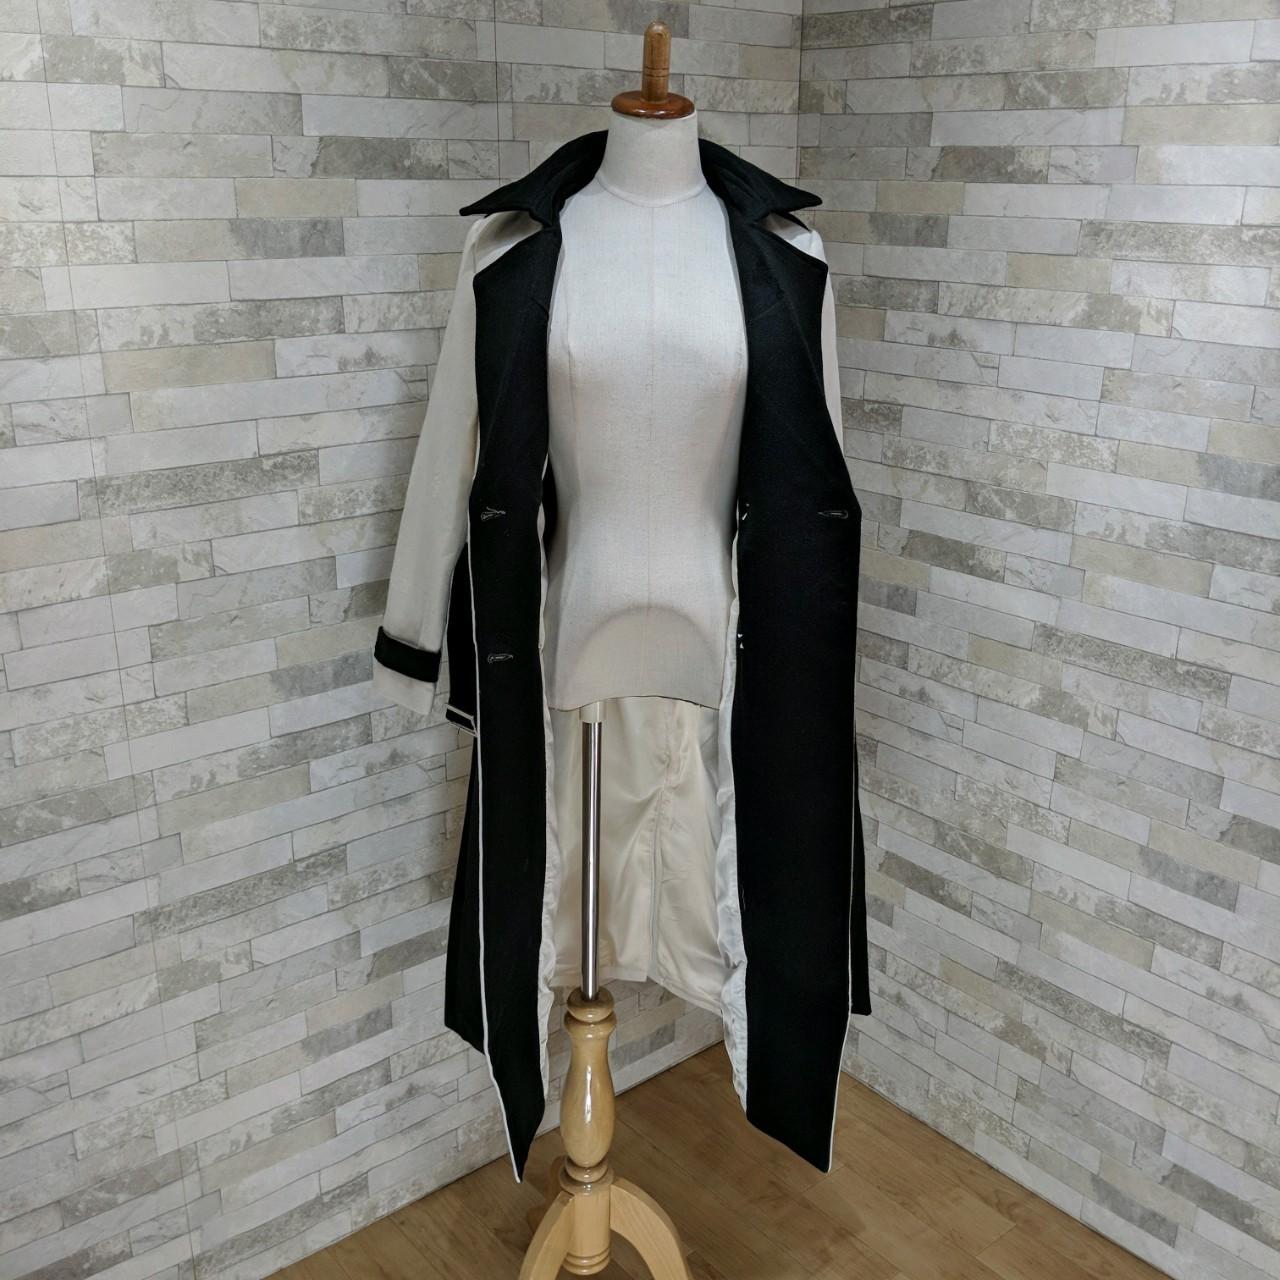 【即納】韓国 ファッション アウター コート 秋 冬 パーティー ブライダル SPTXG918  ミリタリー調 バイカラー アシンメトリー 二次会 セレブ きれいめの写真11枚目